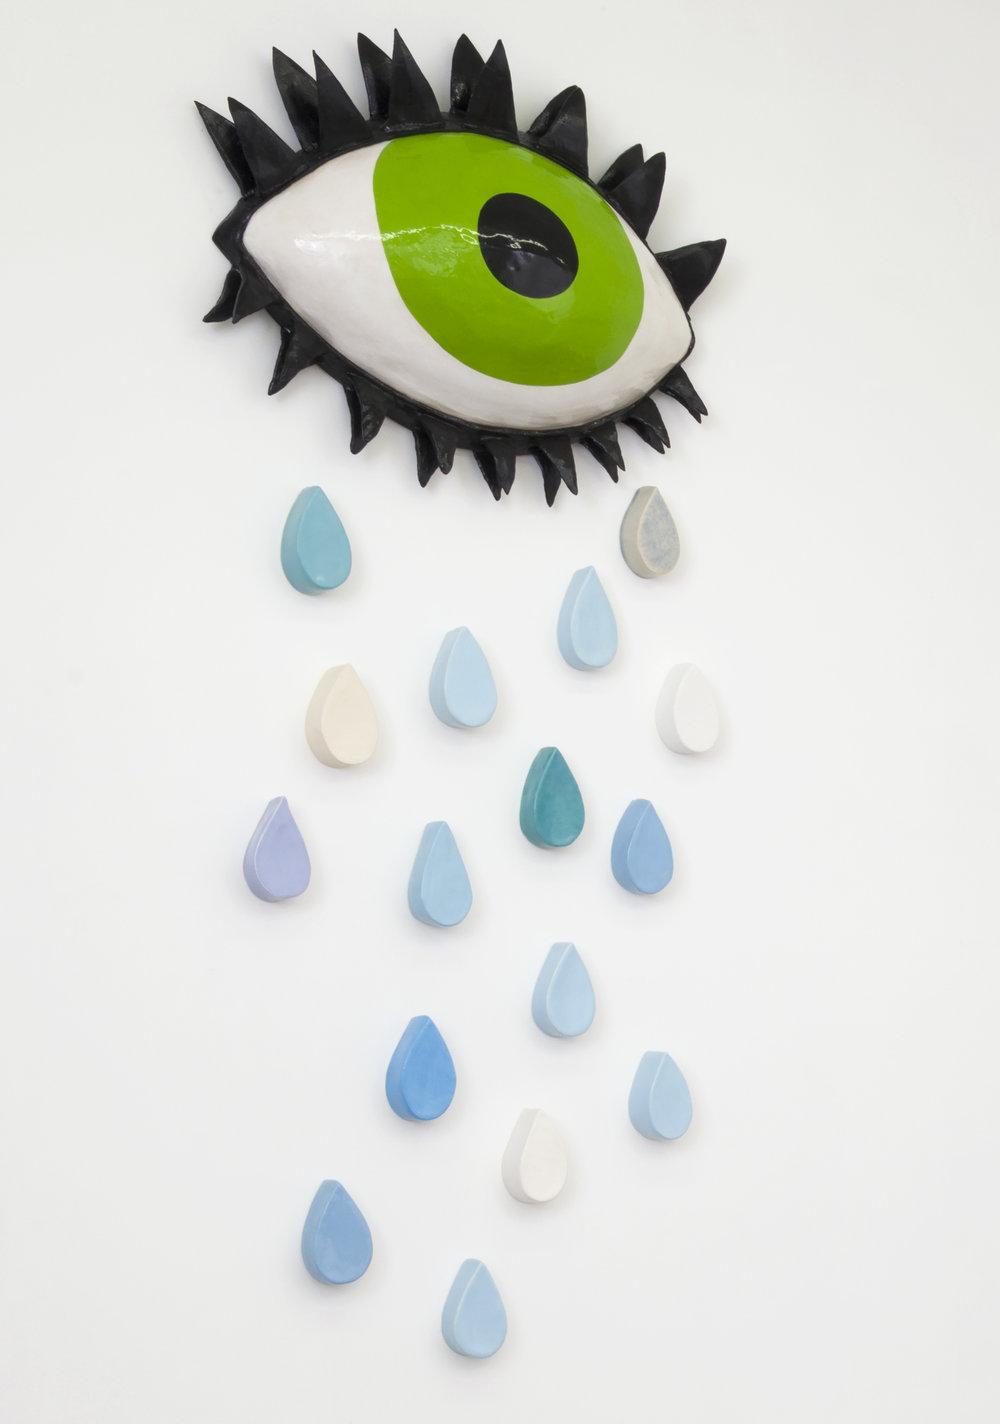 EyeAndTearDrops2_LorienStern.jpg